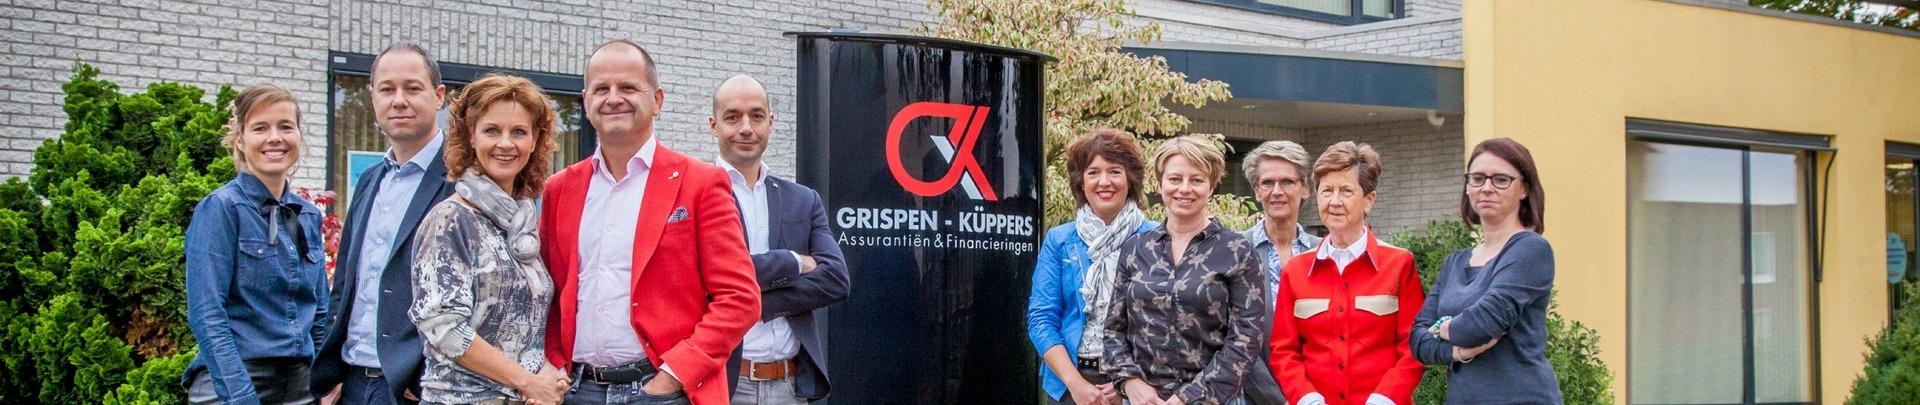 het team van  Grispen-Küppers staat voor het pand